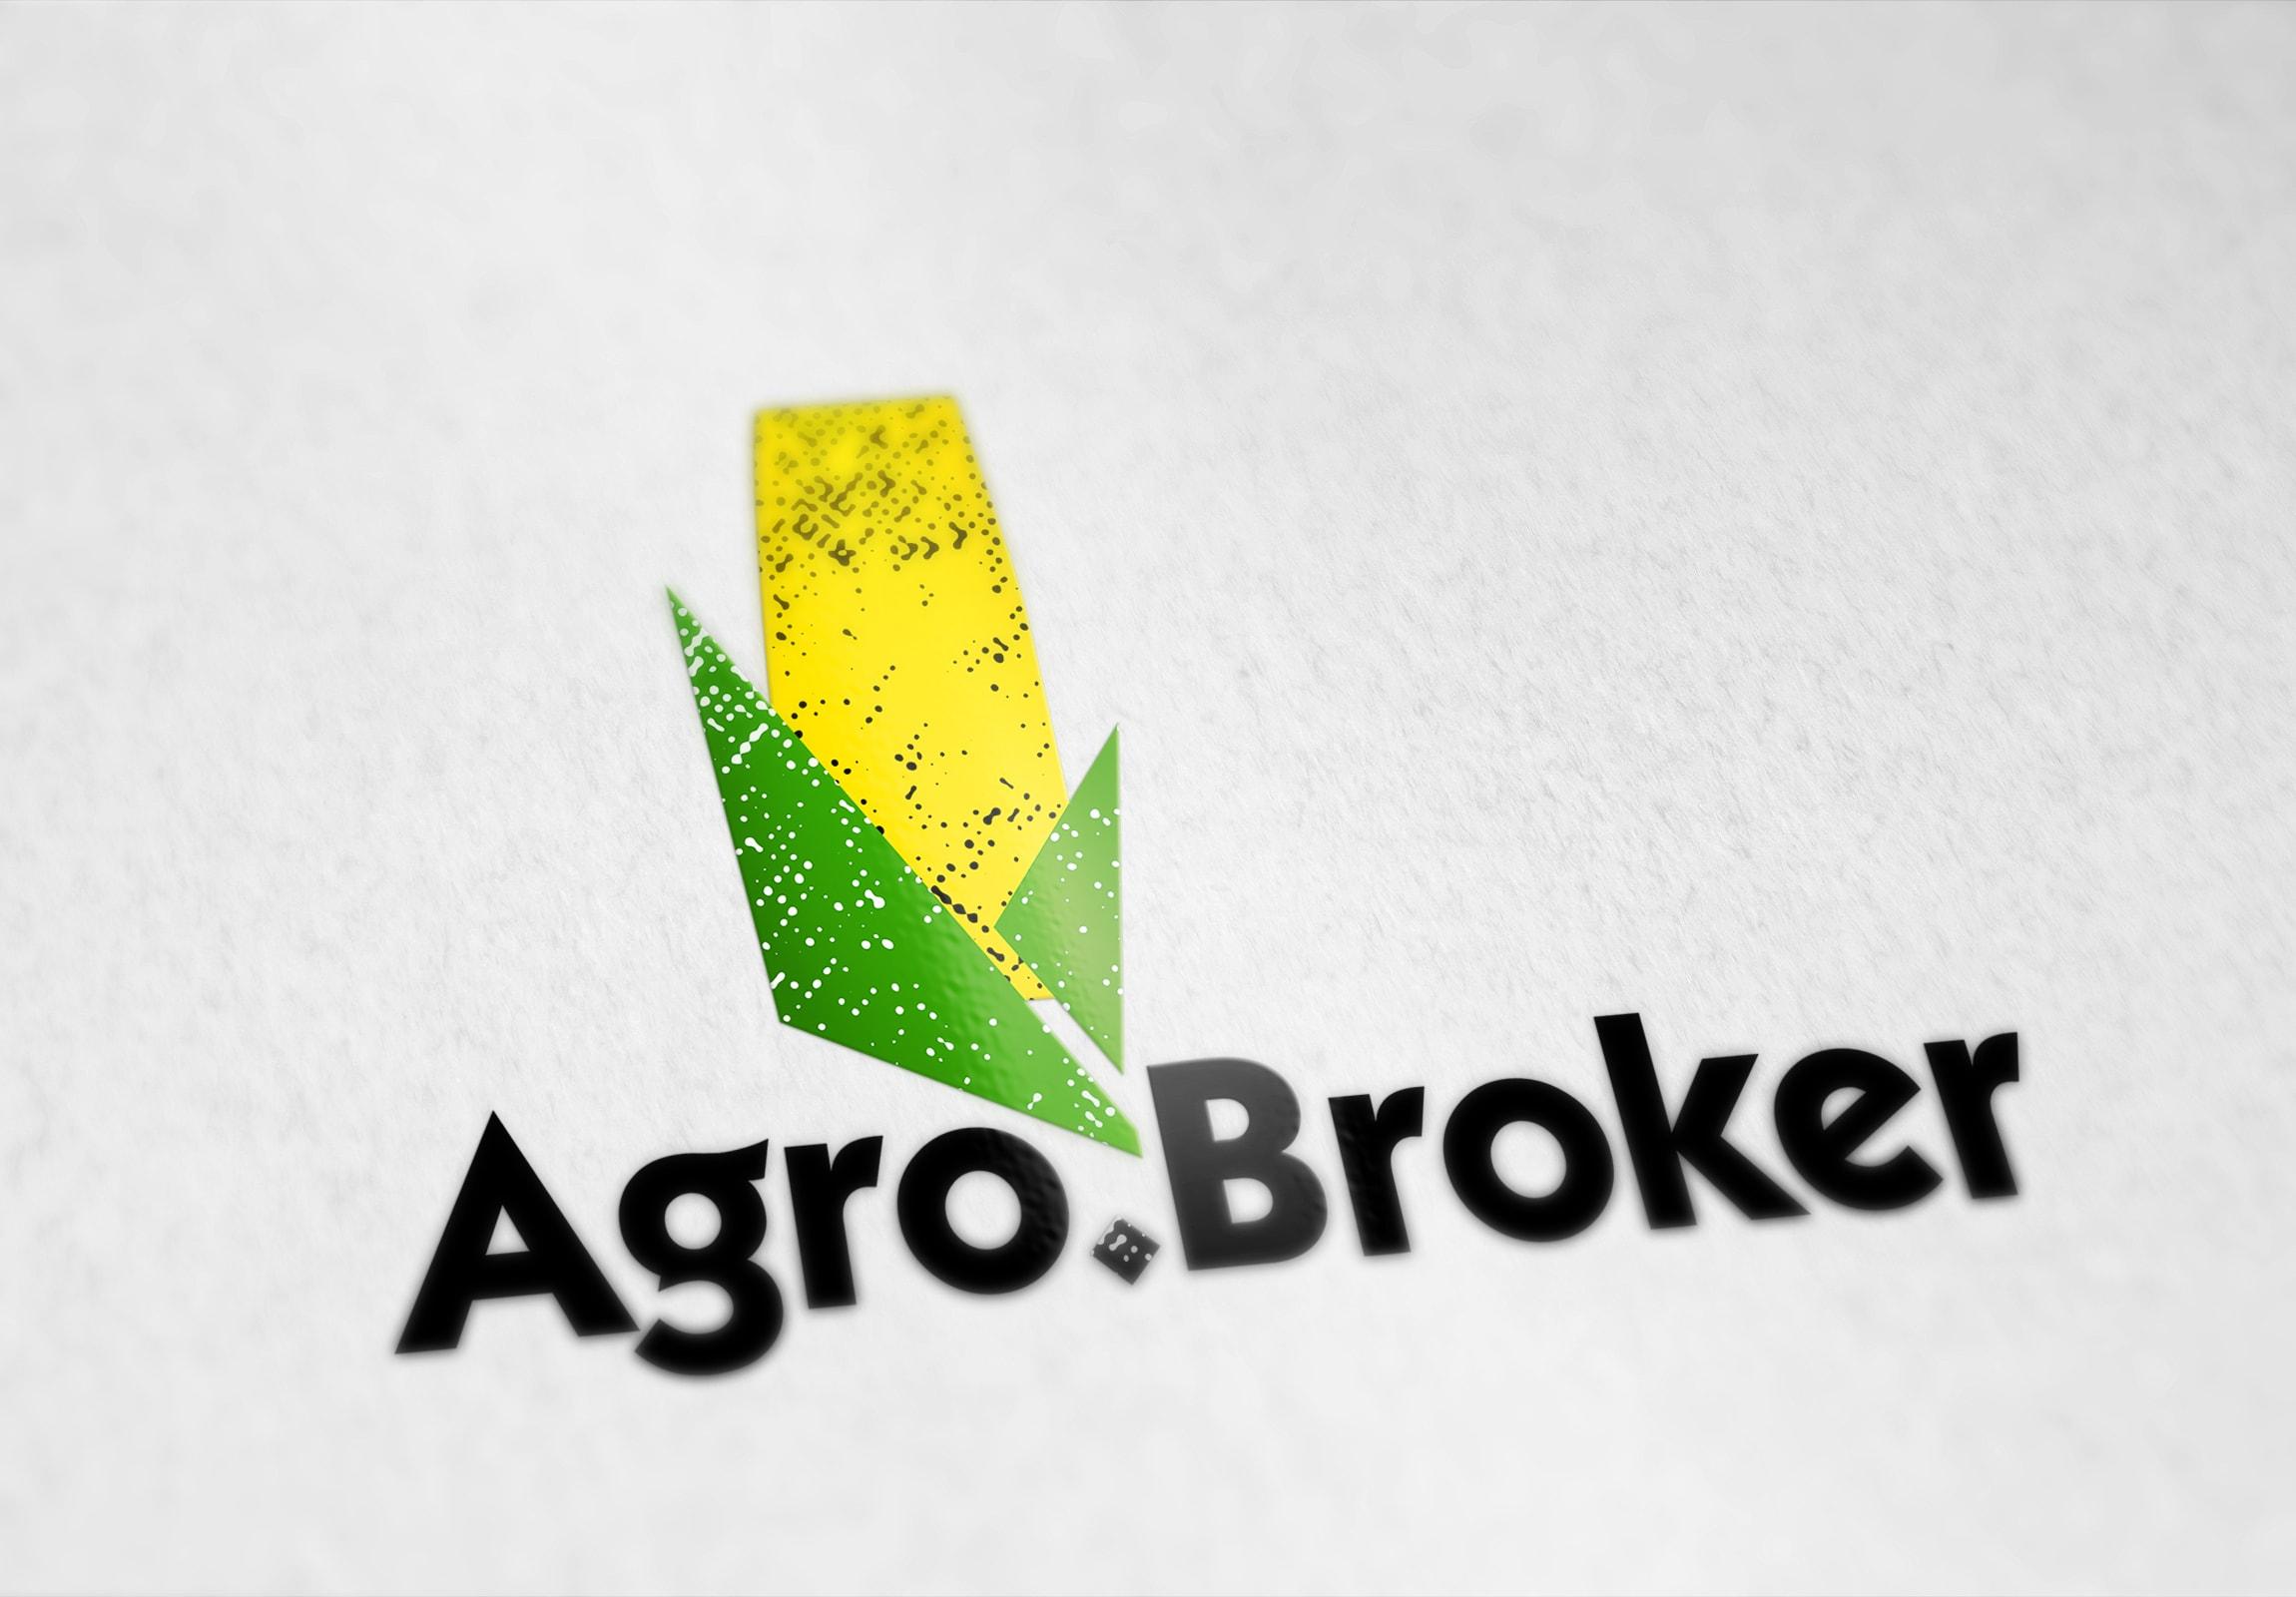 ТЗ на разработку пакета айдентики Agro.Broker фото f_3595971def94bd8d.jpg